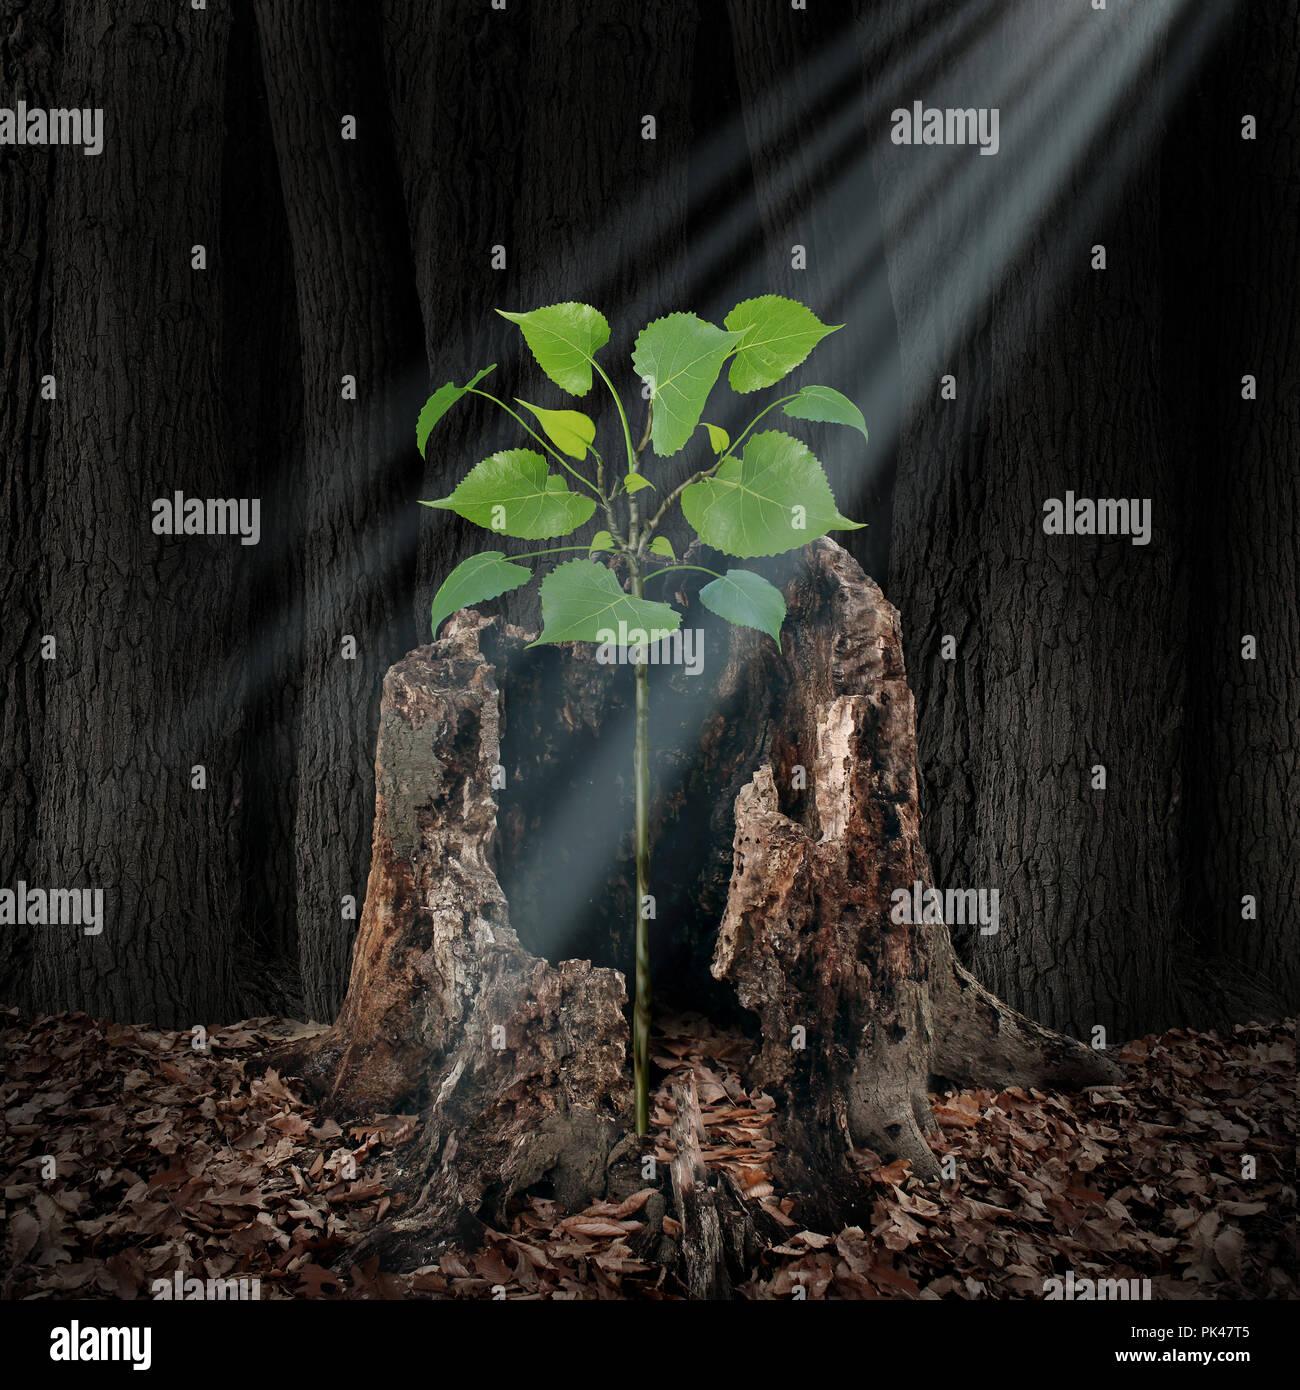 Credere e concetto di fede come un raggio di luce che risplende dal di sopra su un alberello crescente al di fuori di un albero morto come una speranza e una spiritualità idea. Immagini Stock